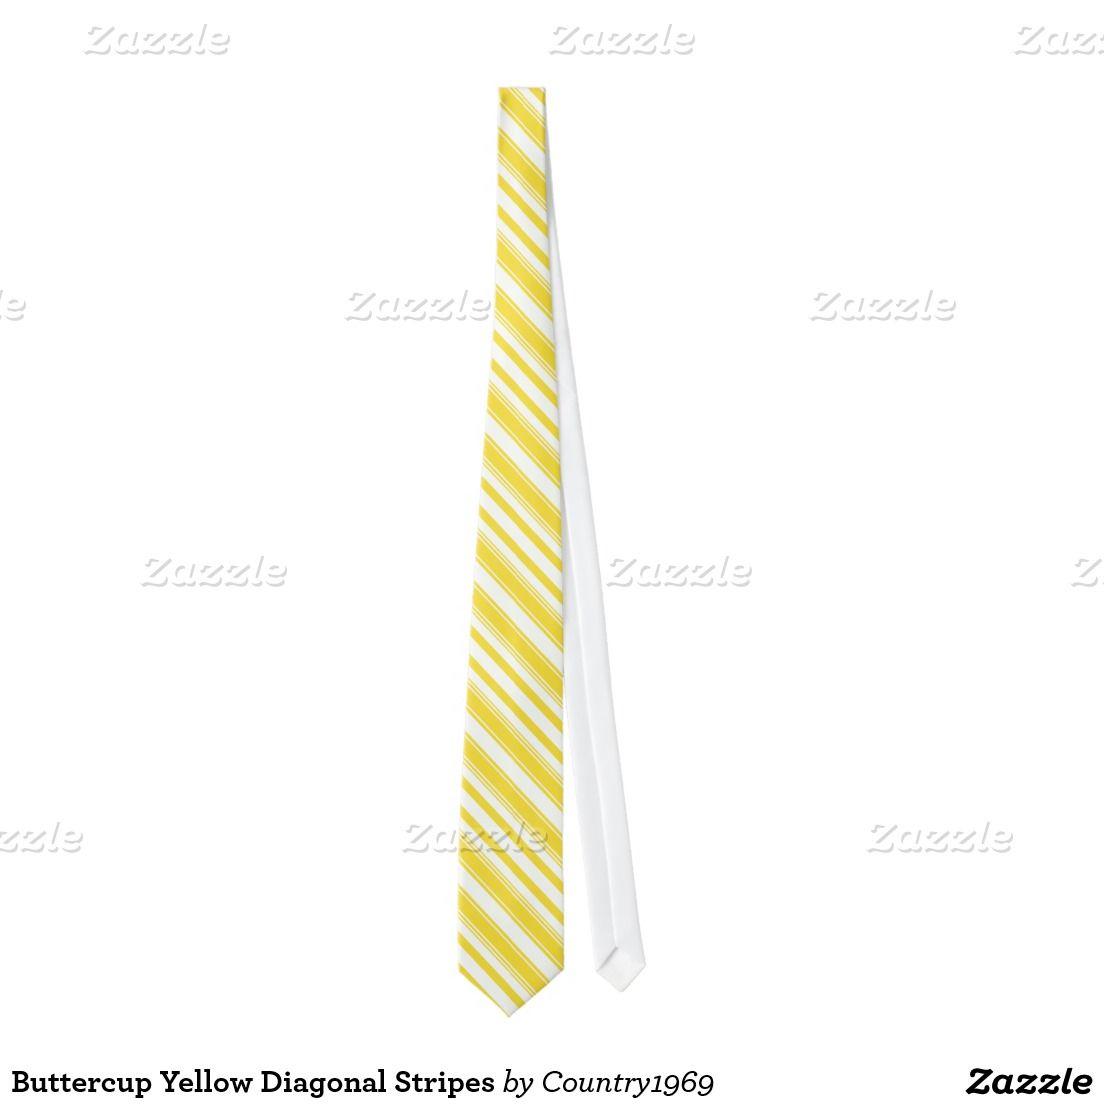 Buttercup Yellow Diagonal Stripes Tie